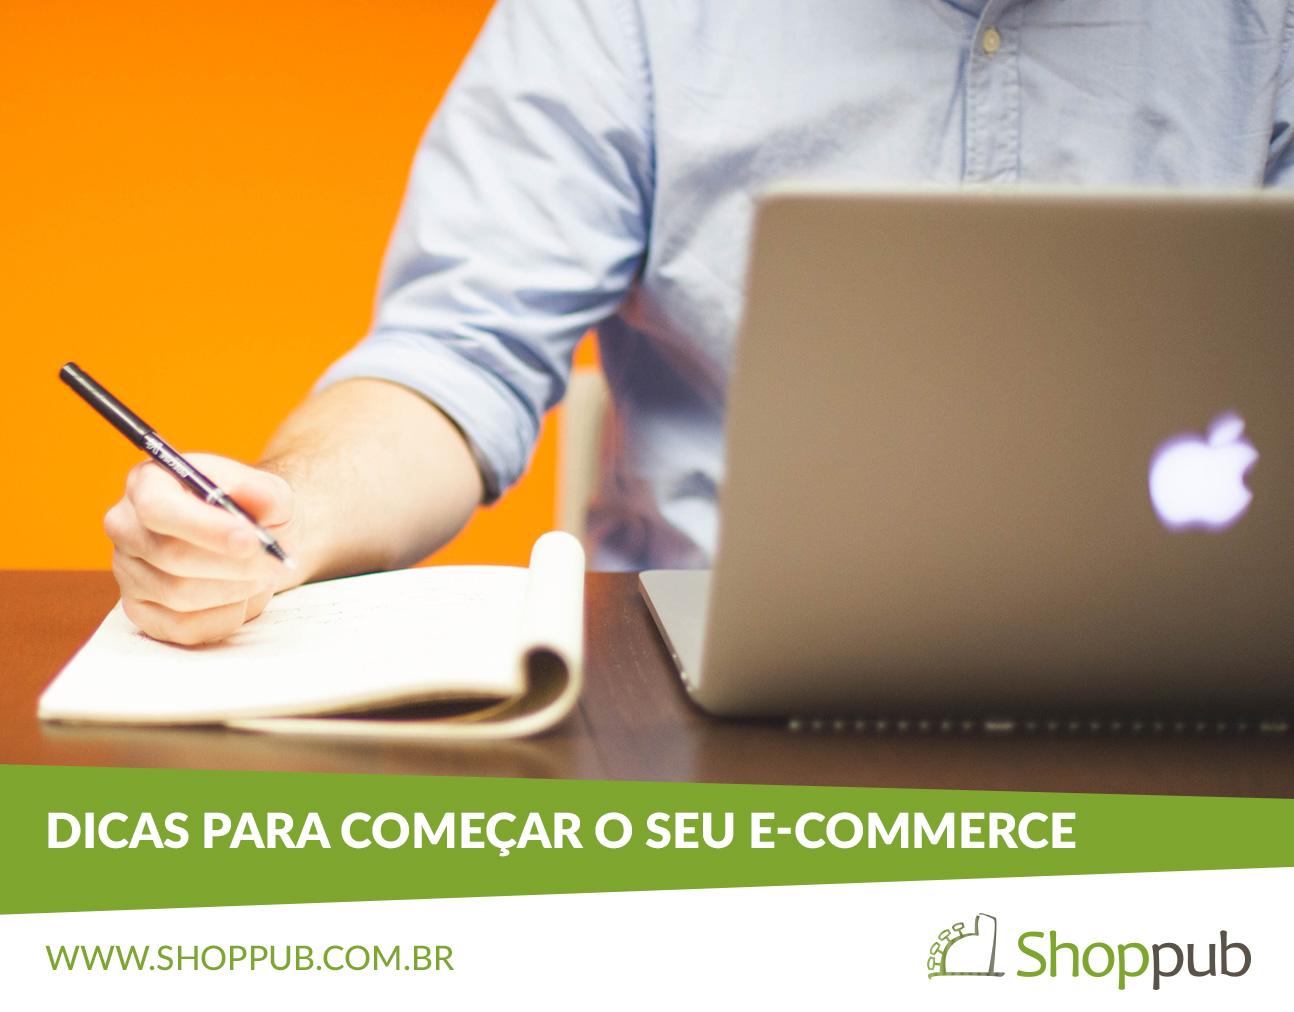 Dicas para começar o seu e-commerce